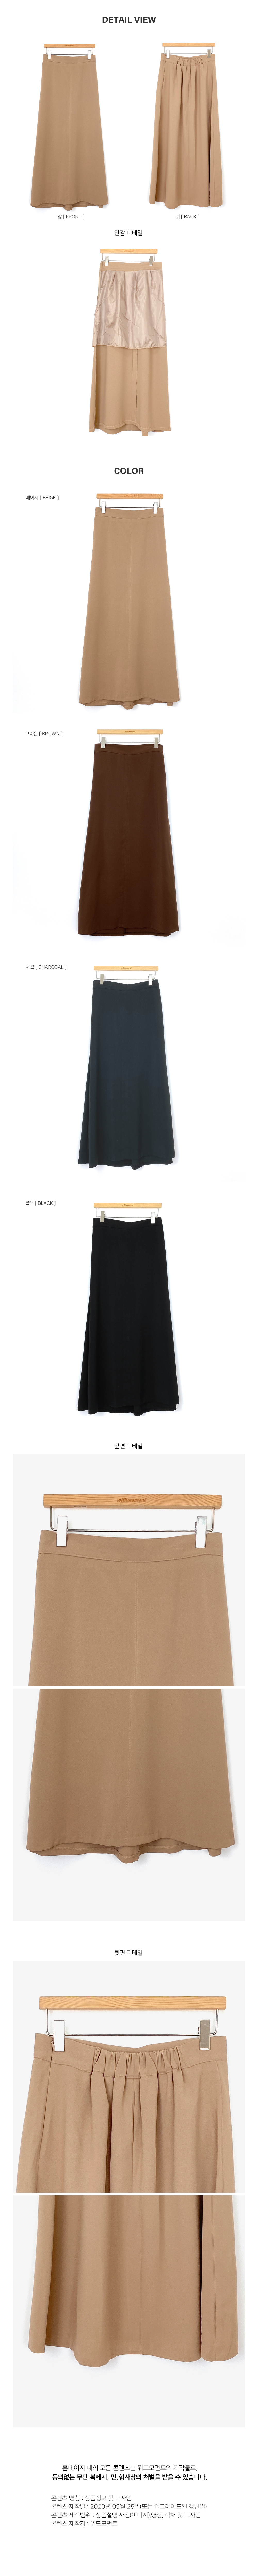 Rune flared skirt-4color